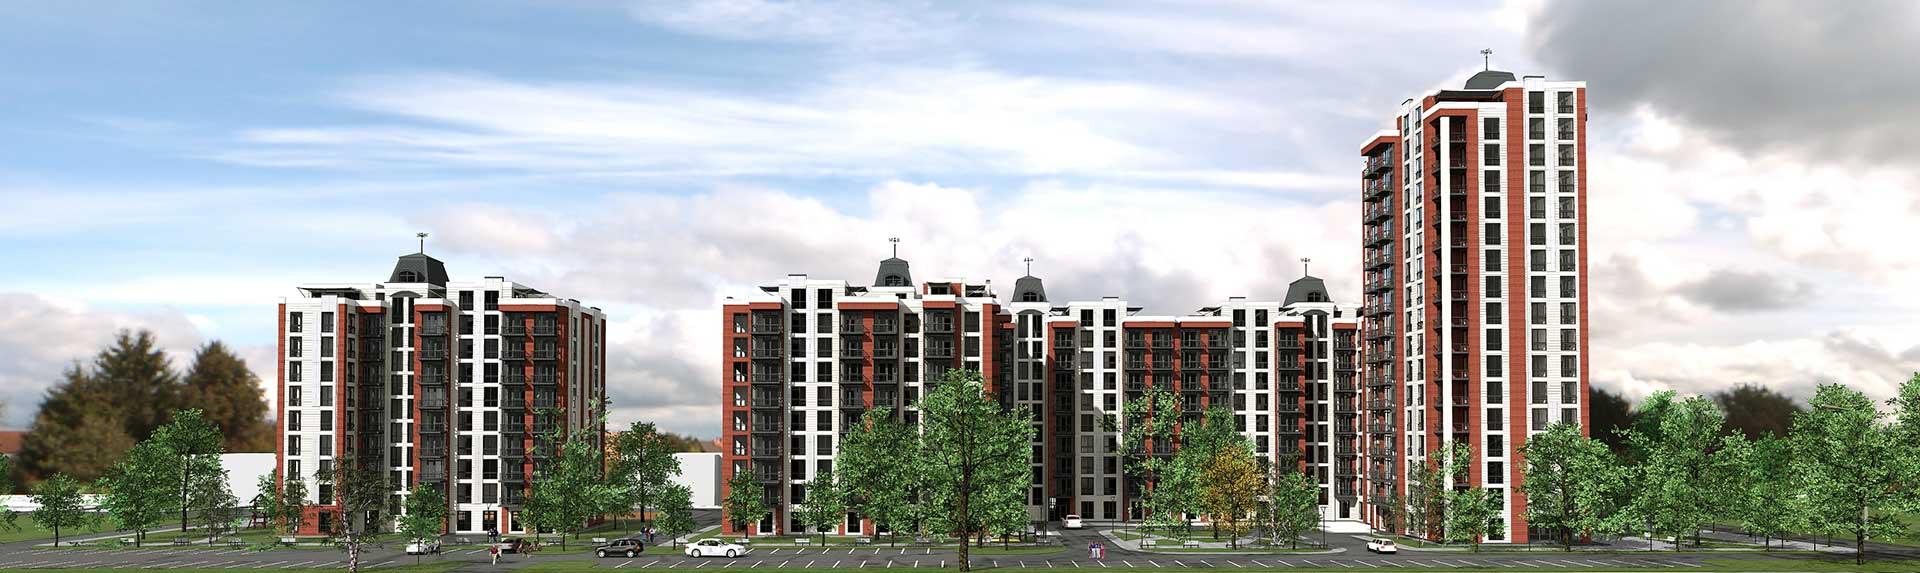 Проектное предложение жилого комплекса по ул. Порика в г. Виннице (фото 5)